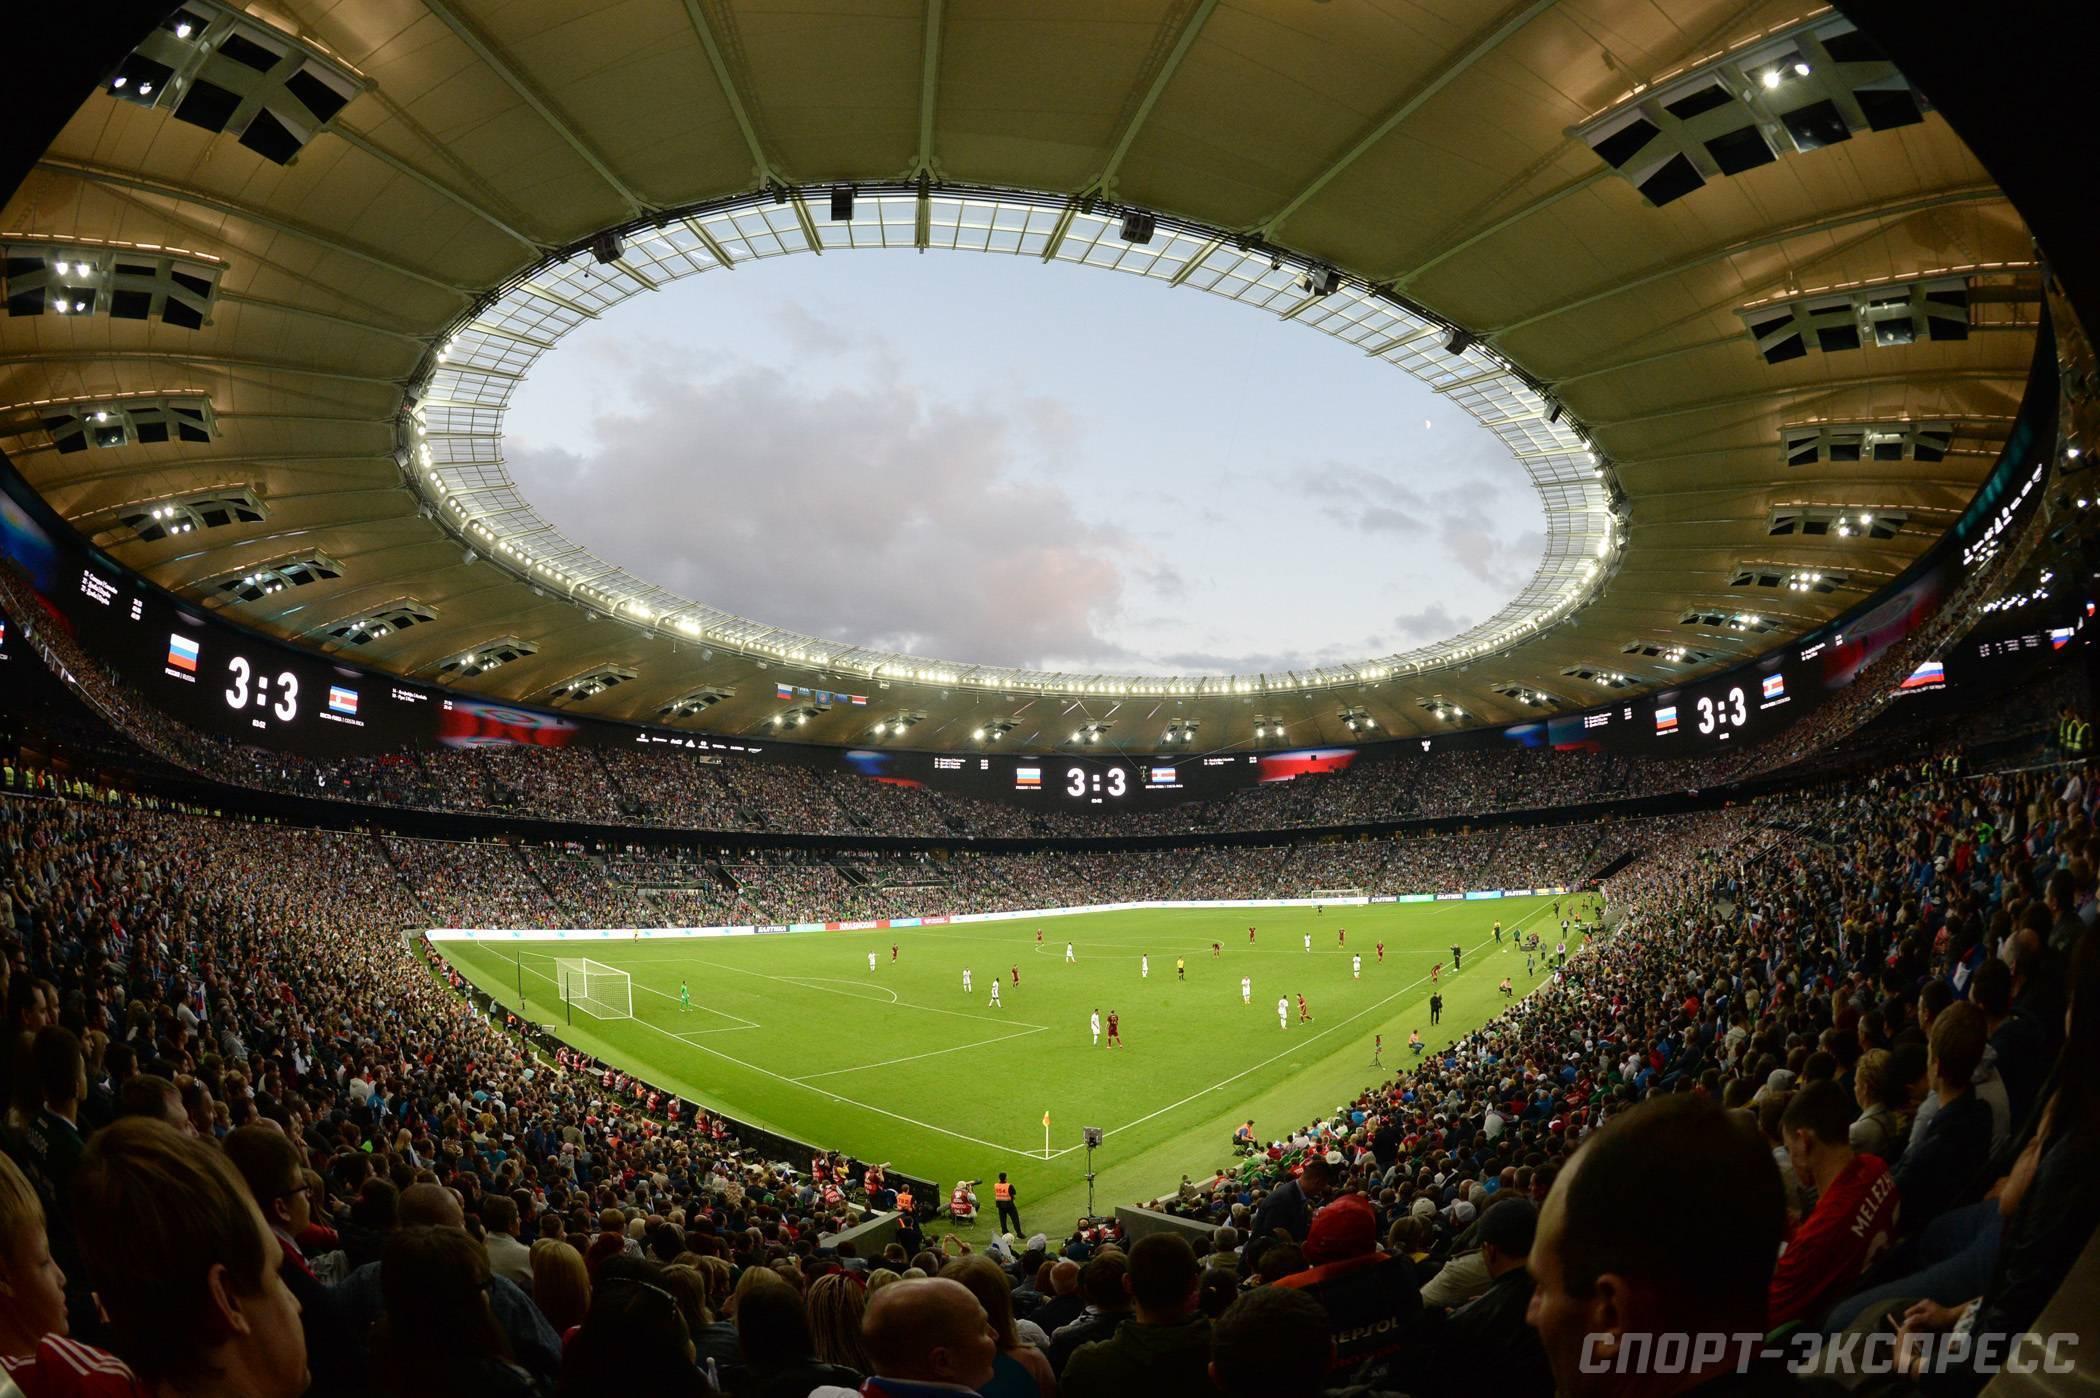 Самые большие футбольные поля мира по размеру. топ самых больших стадионов в мире по футболу